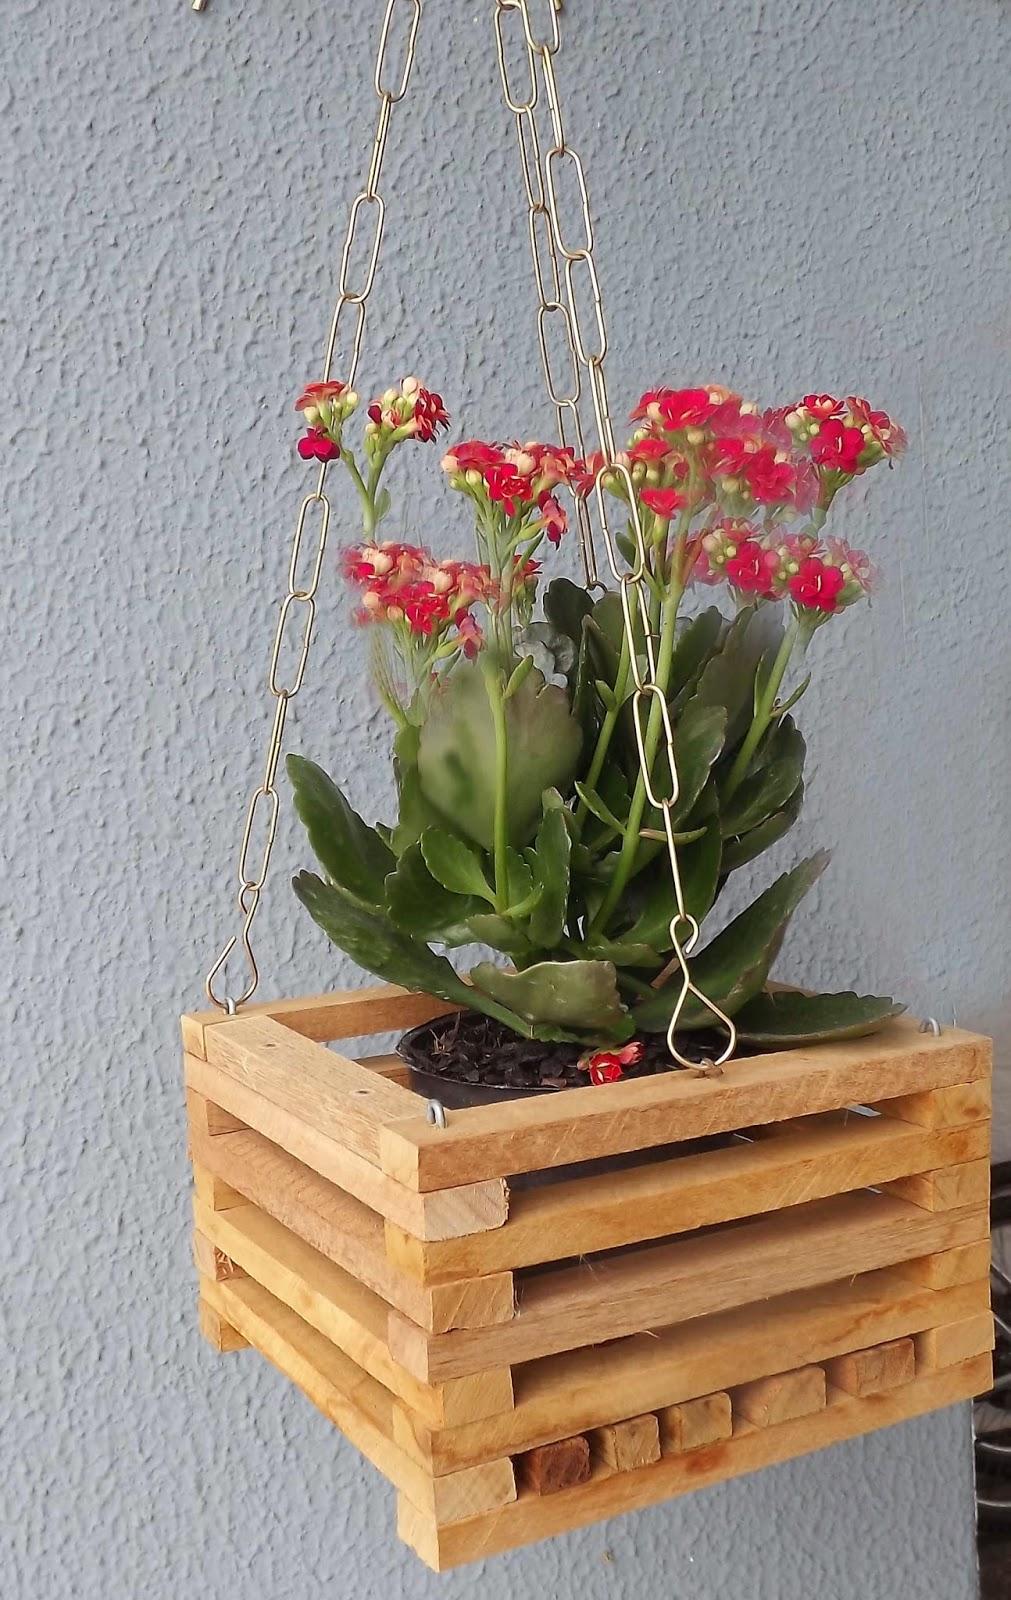 www.mairistelagsalgado.blogspot.com.br